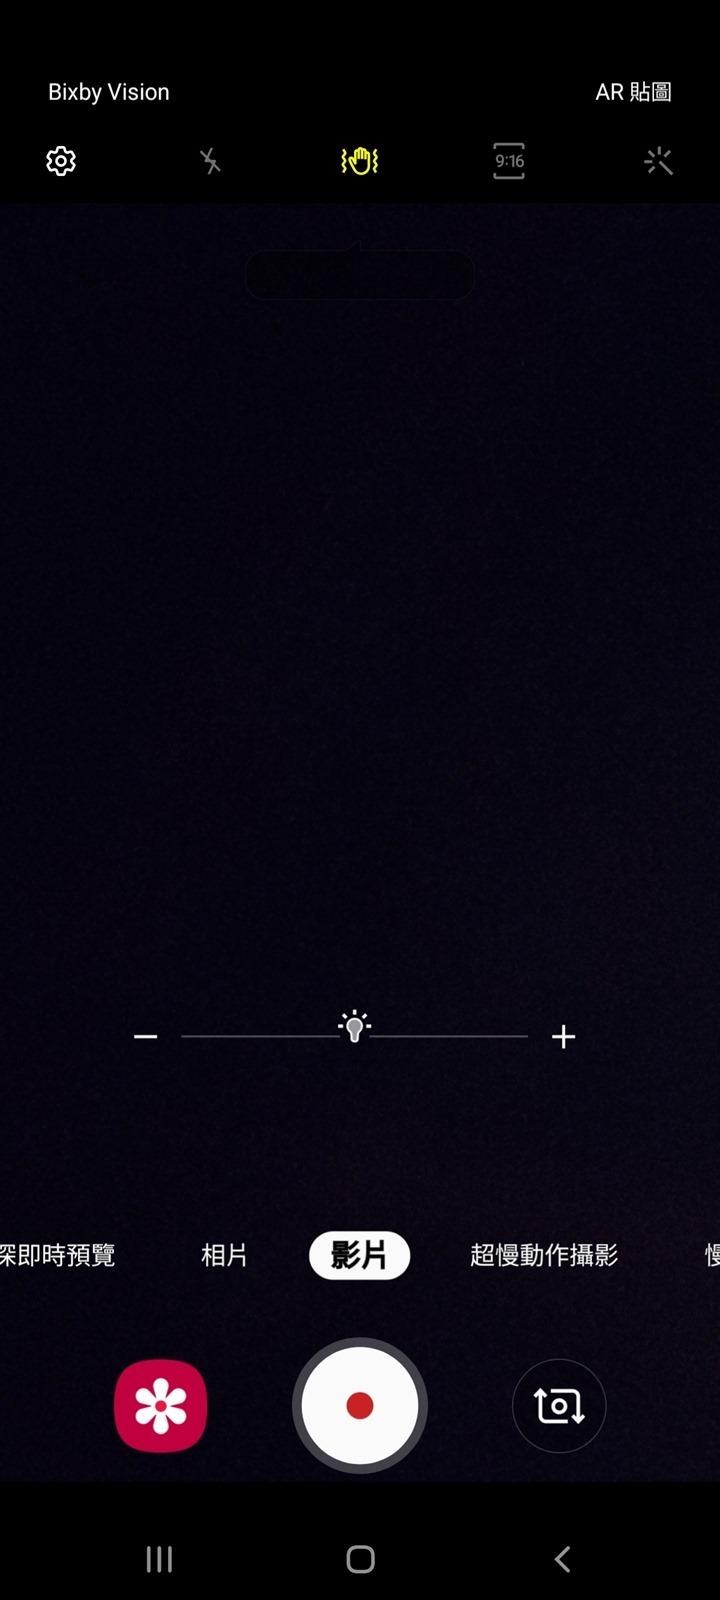 旗艦機相機功能下放!Galaxy A70 韌體更新提供超級夜景與 Super Steady 防手震影片功能 @3C 達人廖阿輝